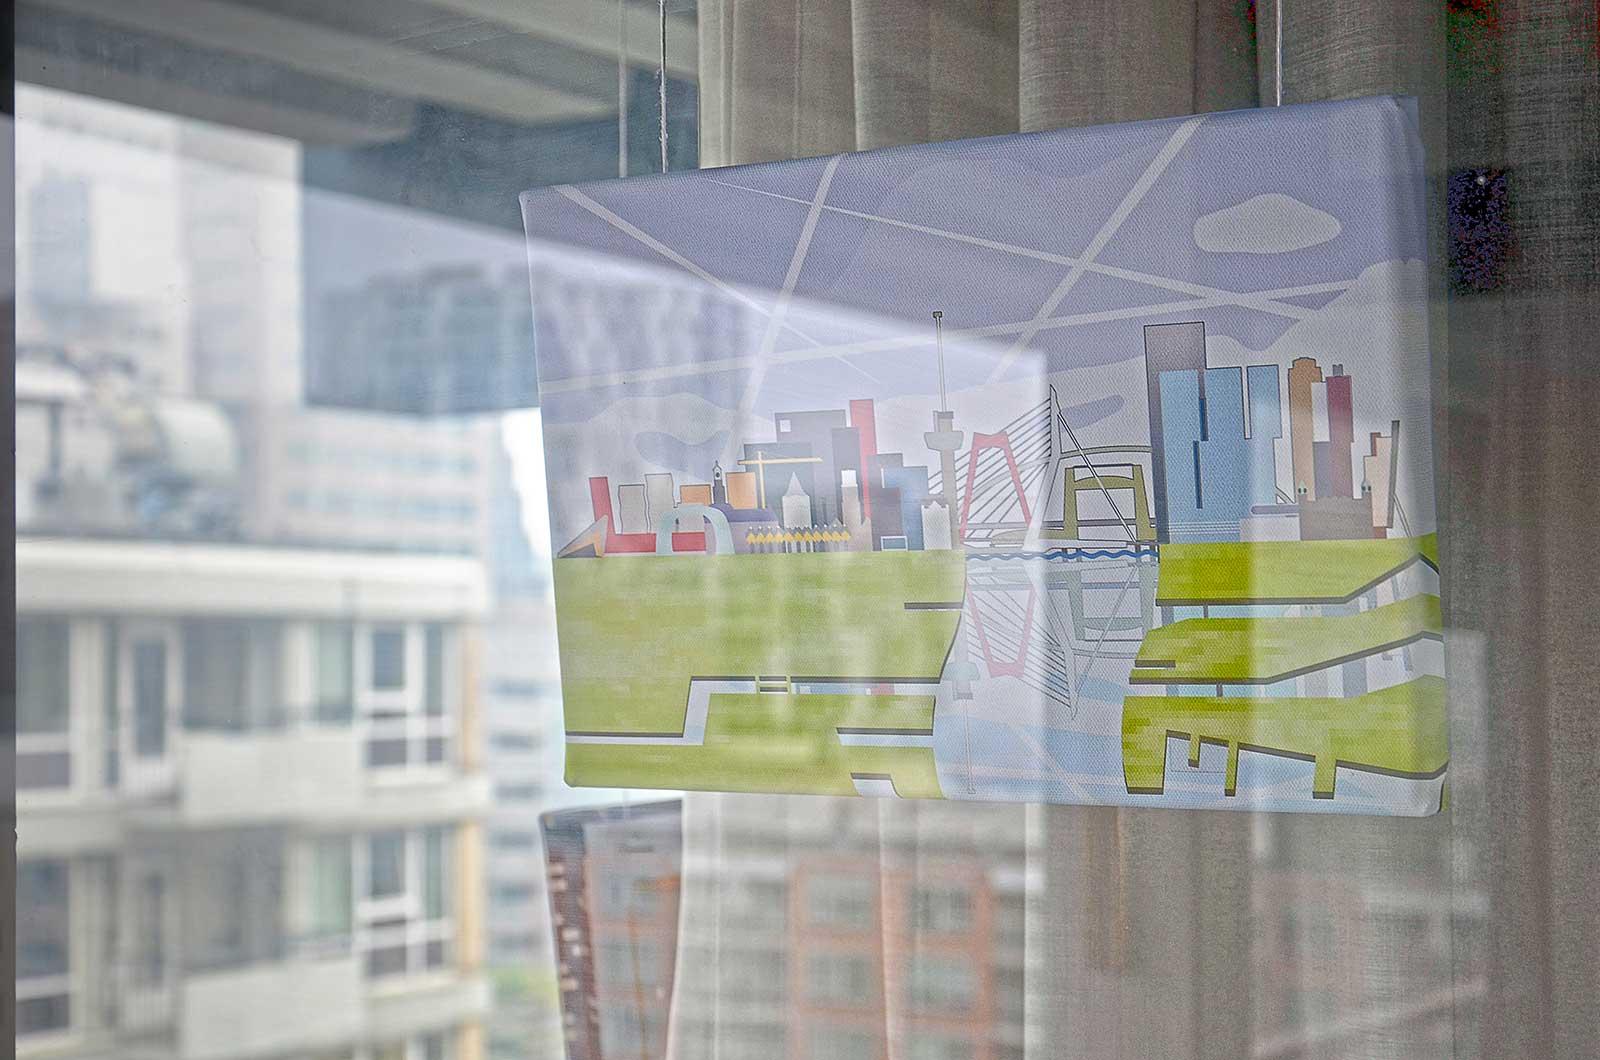 Beeld van de skyline van Rotterdam, tentoongesteld in de galerijgalerie bij de 3Develop-burelen, met op de achtergrond de echte skyline van Rotterdam